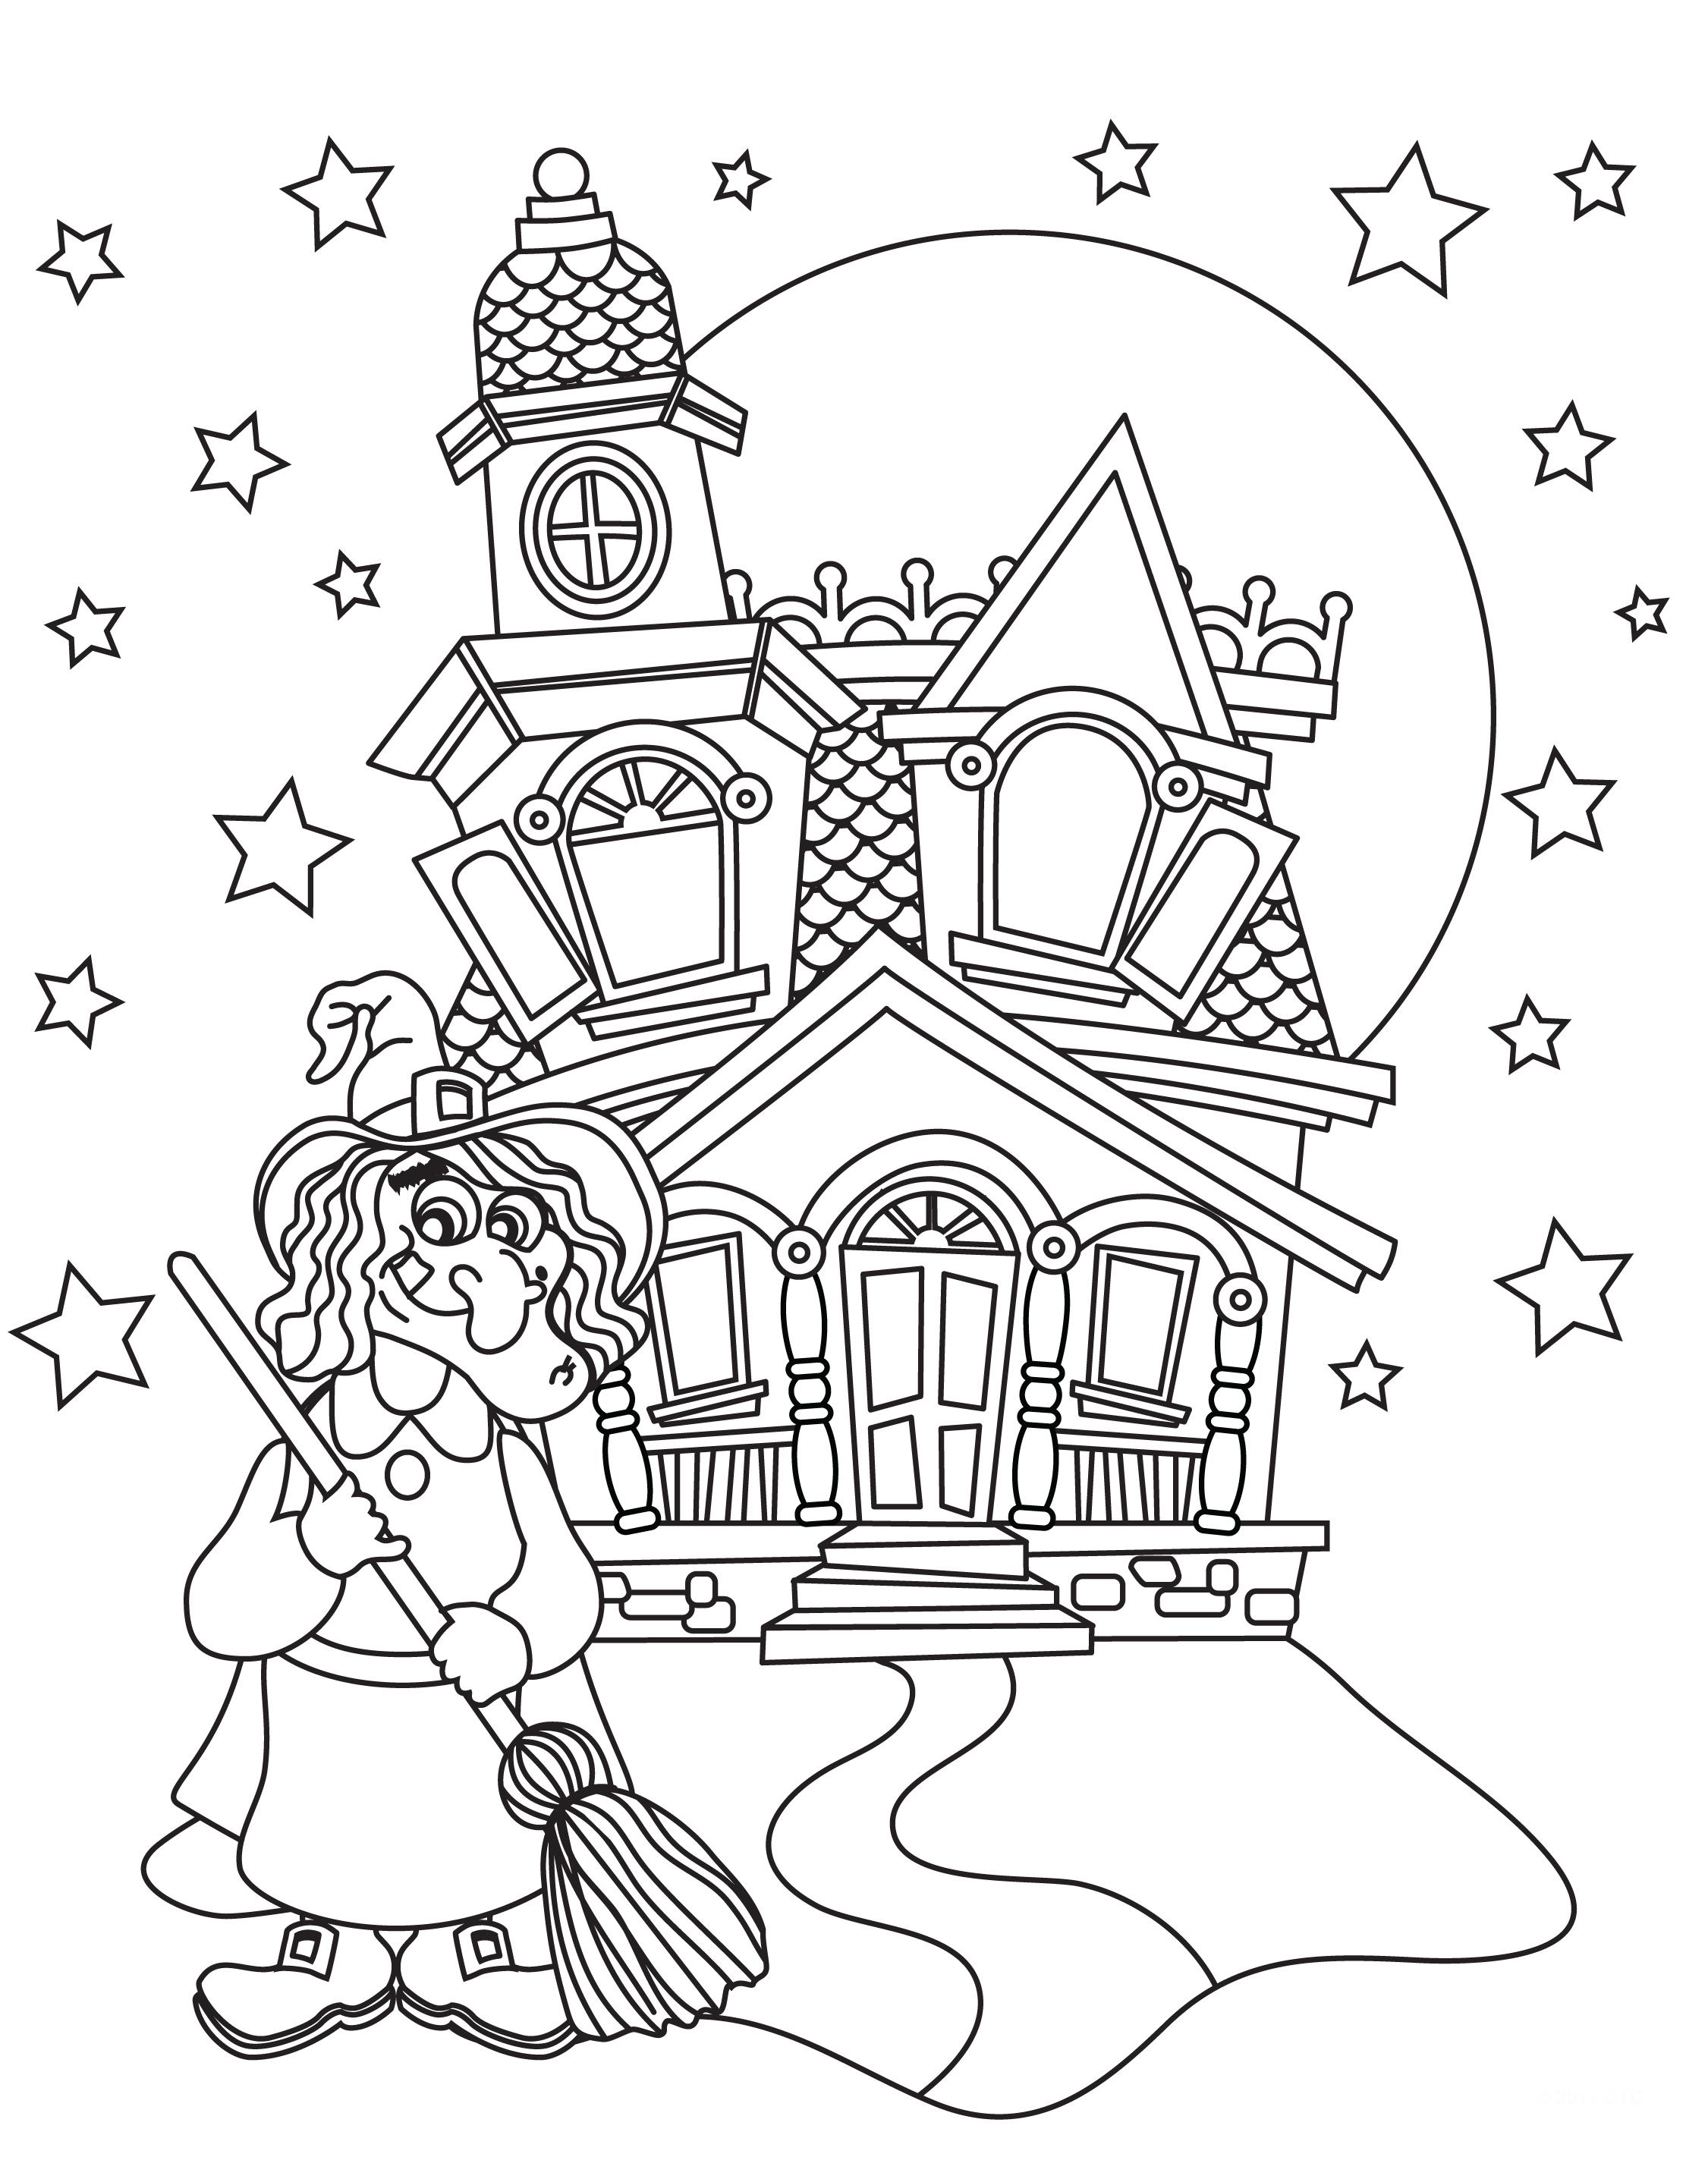 Раскраски Хэллоуин для Детей - распечатать бесплатно